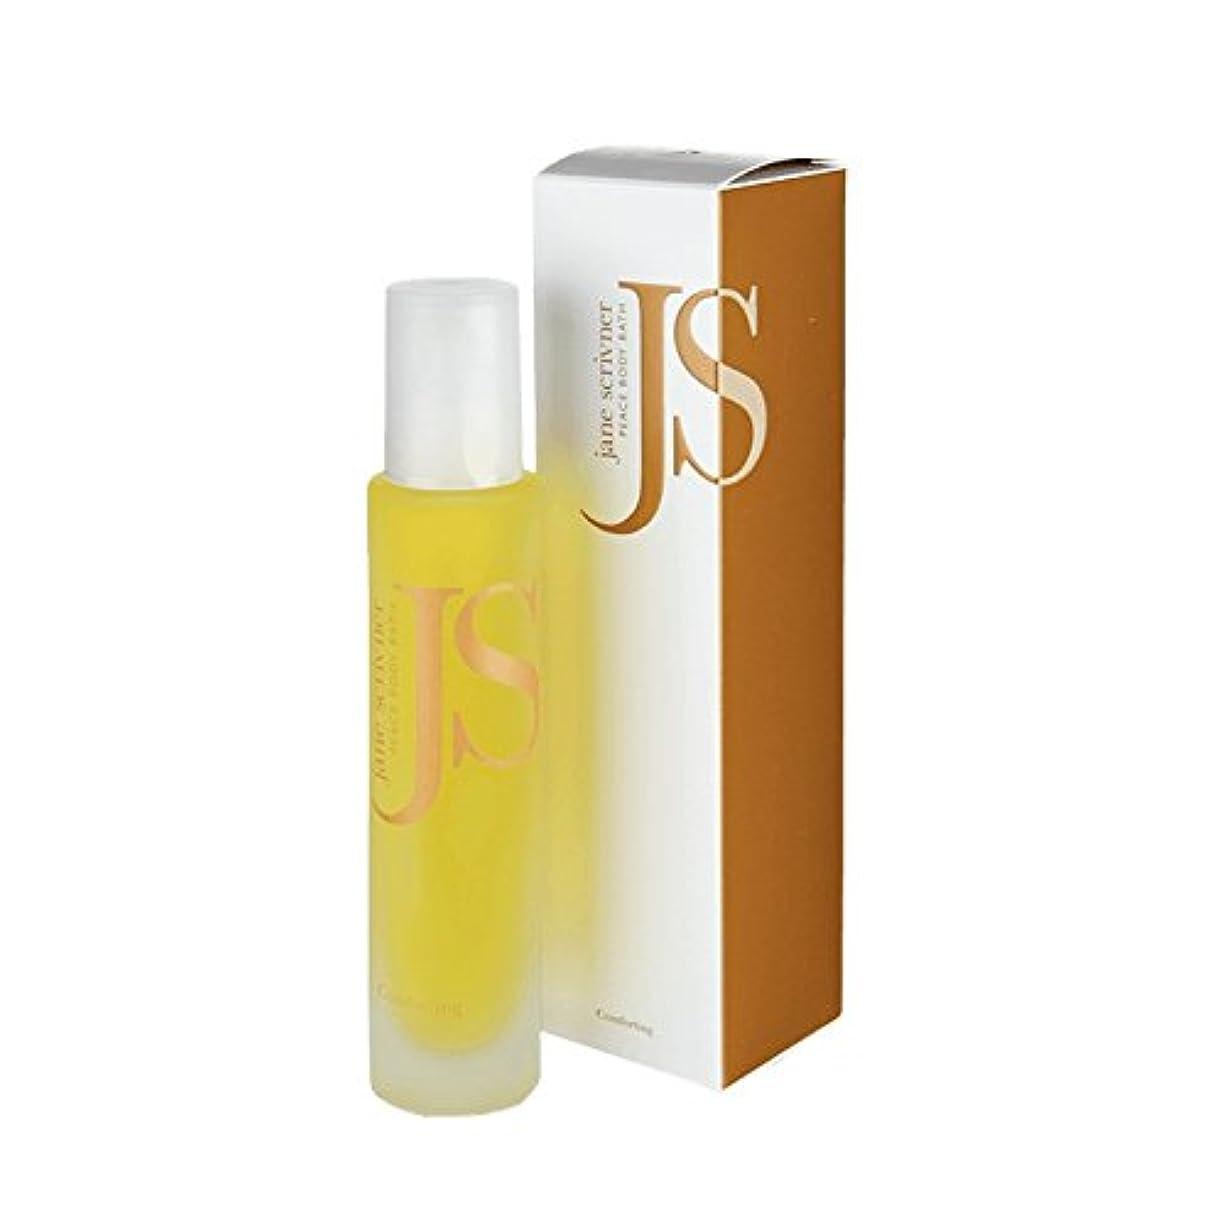 楽しい山積みのポルノJane Scrivner Body Bath Oil Peace 100ml (Pack of 6) - ジェーンScrivnerボディバスオイル平和100ミリリットル (x6) [並行輸入品]